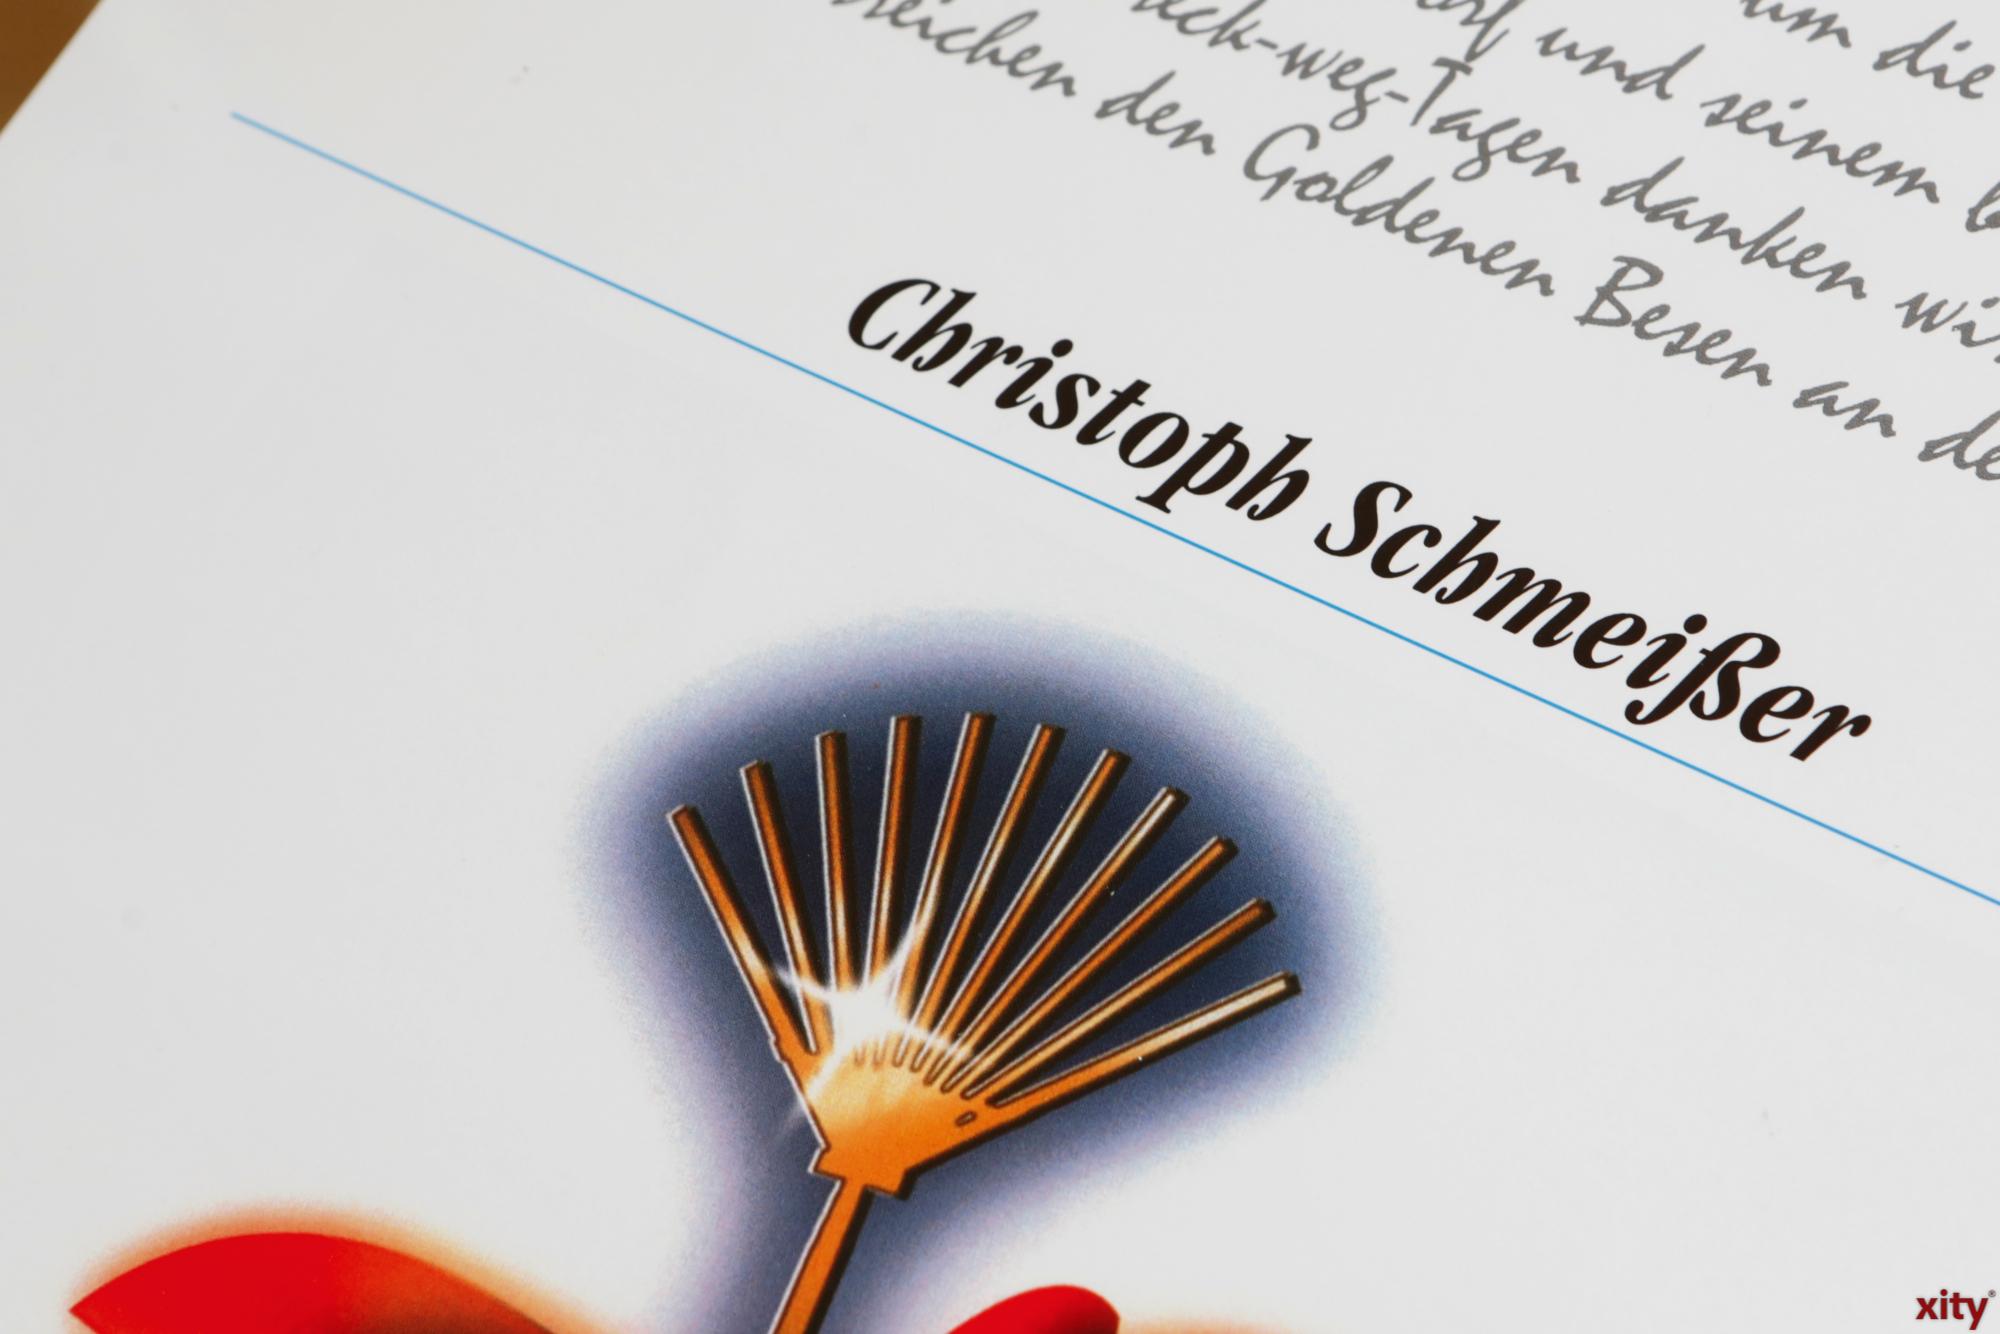 Christoph Schmeisser(Foto: xity)